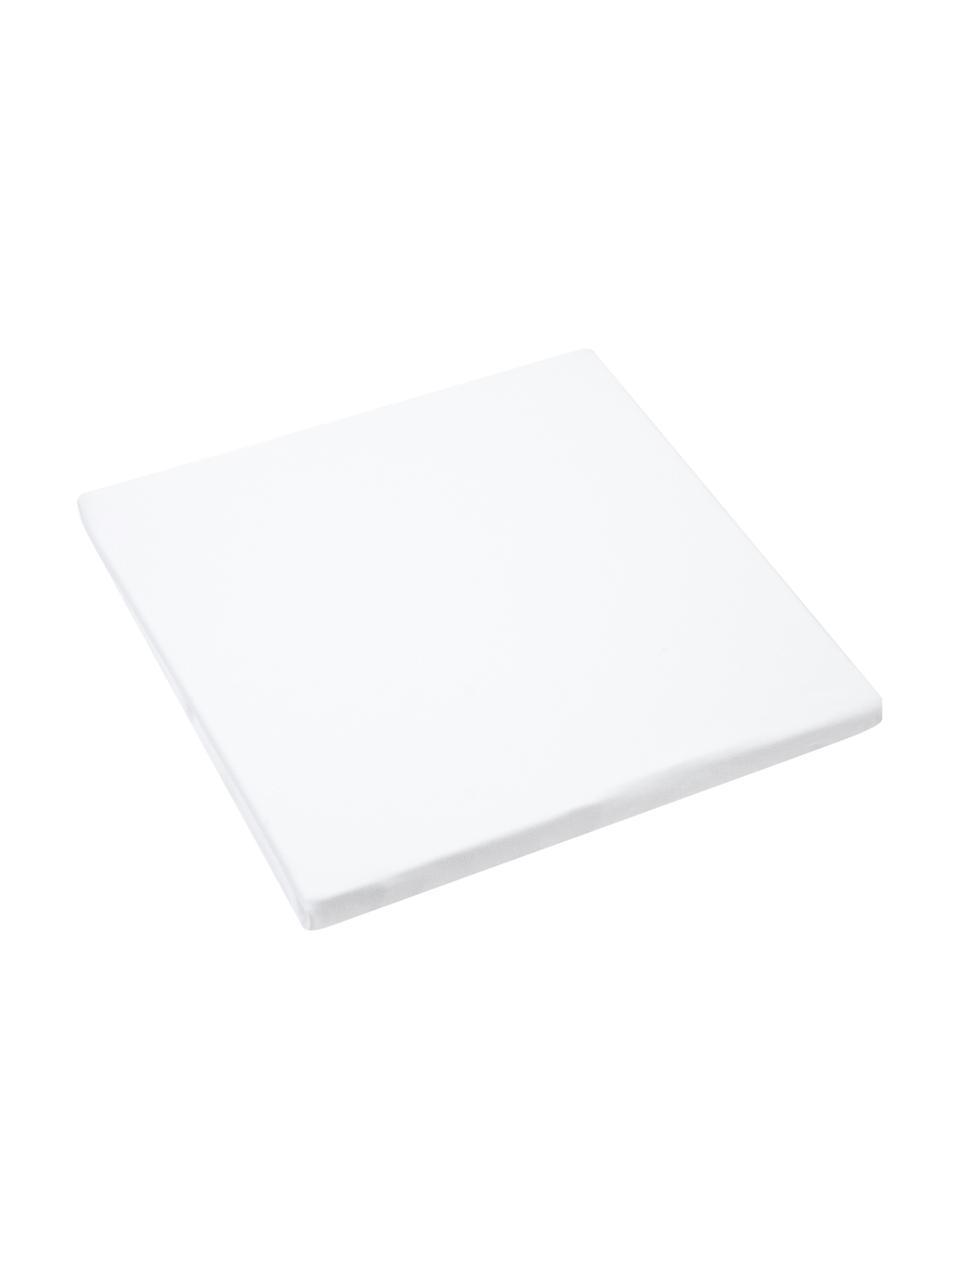 Topper-Spannbettlaken Lara in Weiß, Jersey-Elasthan, 95% Baumwolle, 5% Elasthan, Weiß, 180 x 200 cm